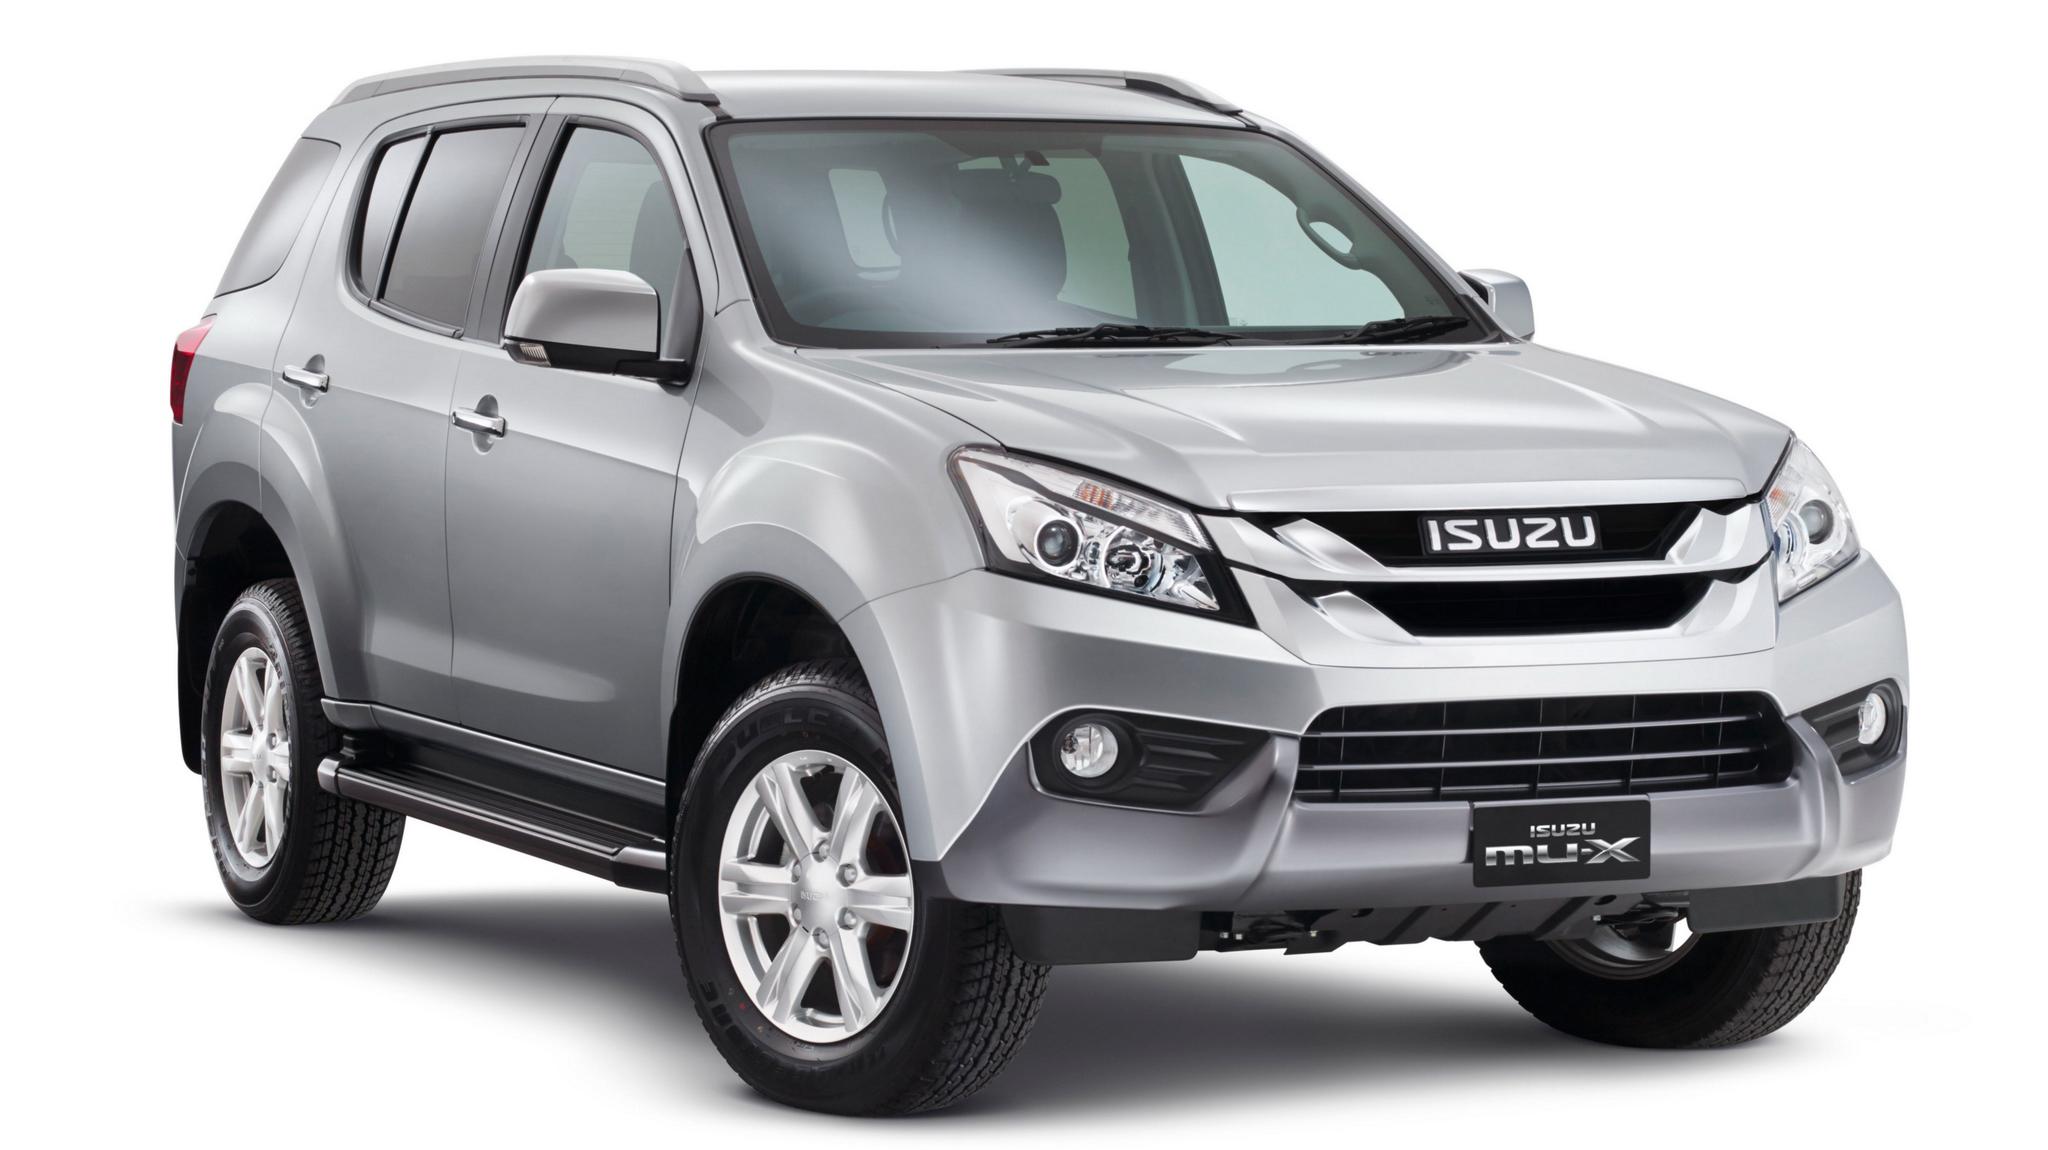 Isuzu Dmax 2018 >> Isuzu MU-X launching this year, CBU Thailand – COO Image 304933